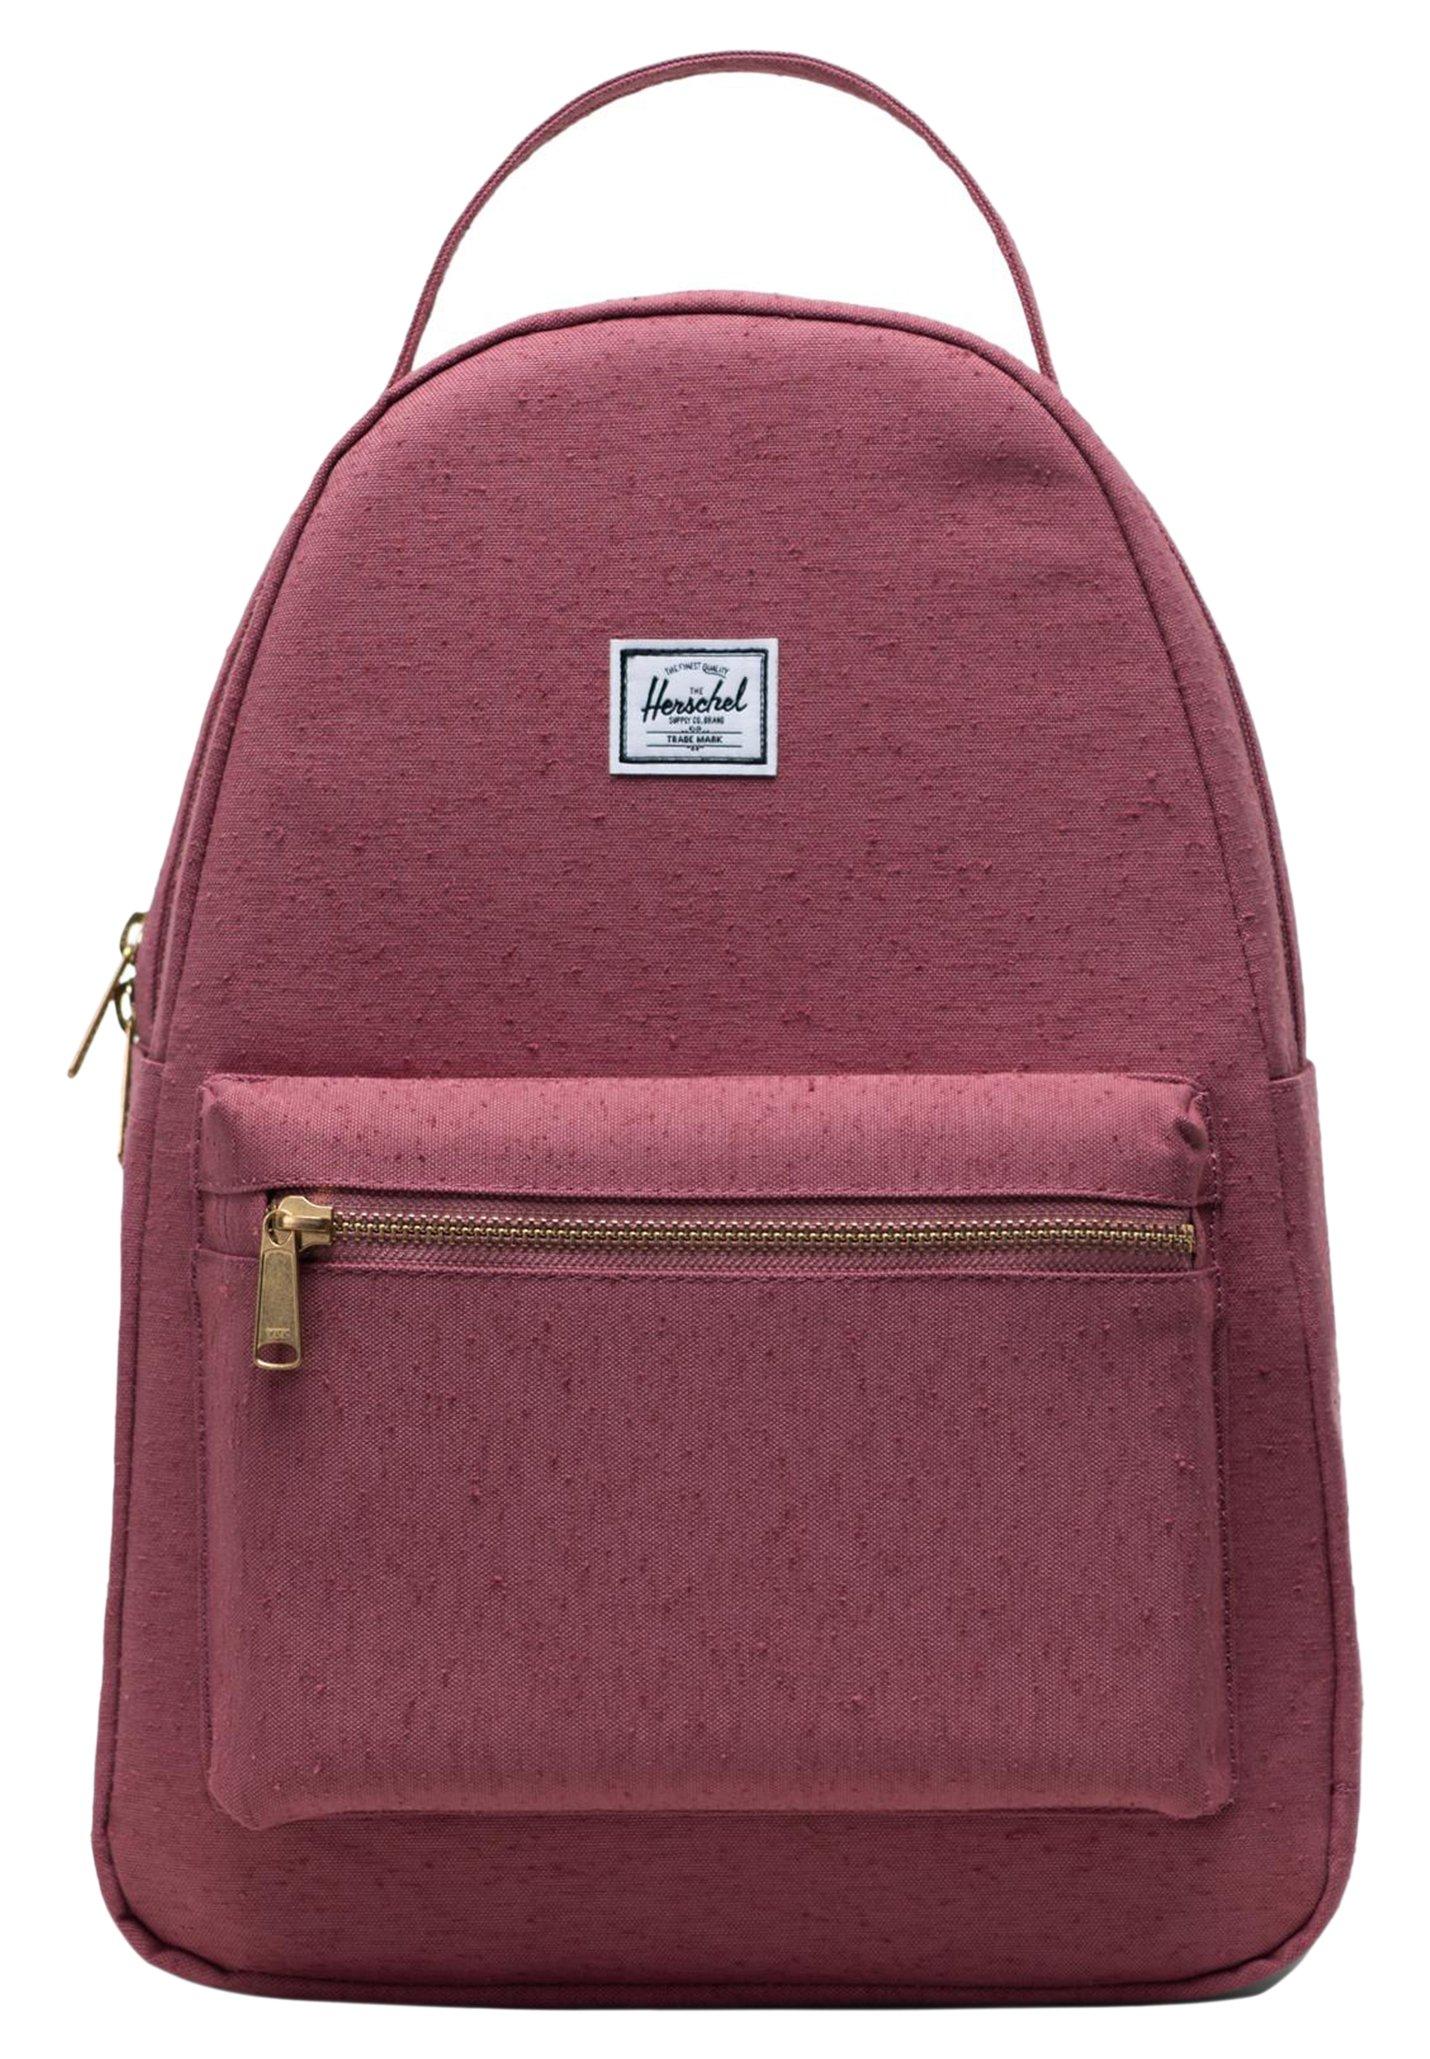 Herschel Tagesrucksack - Pink